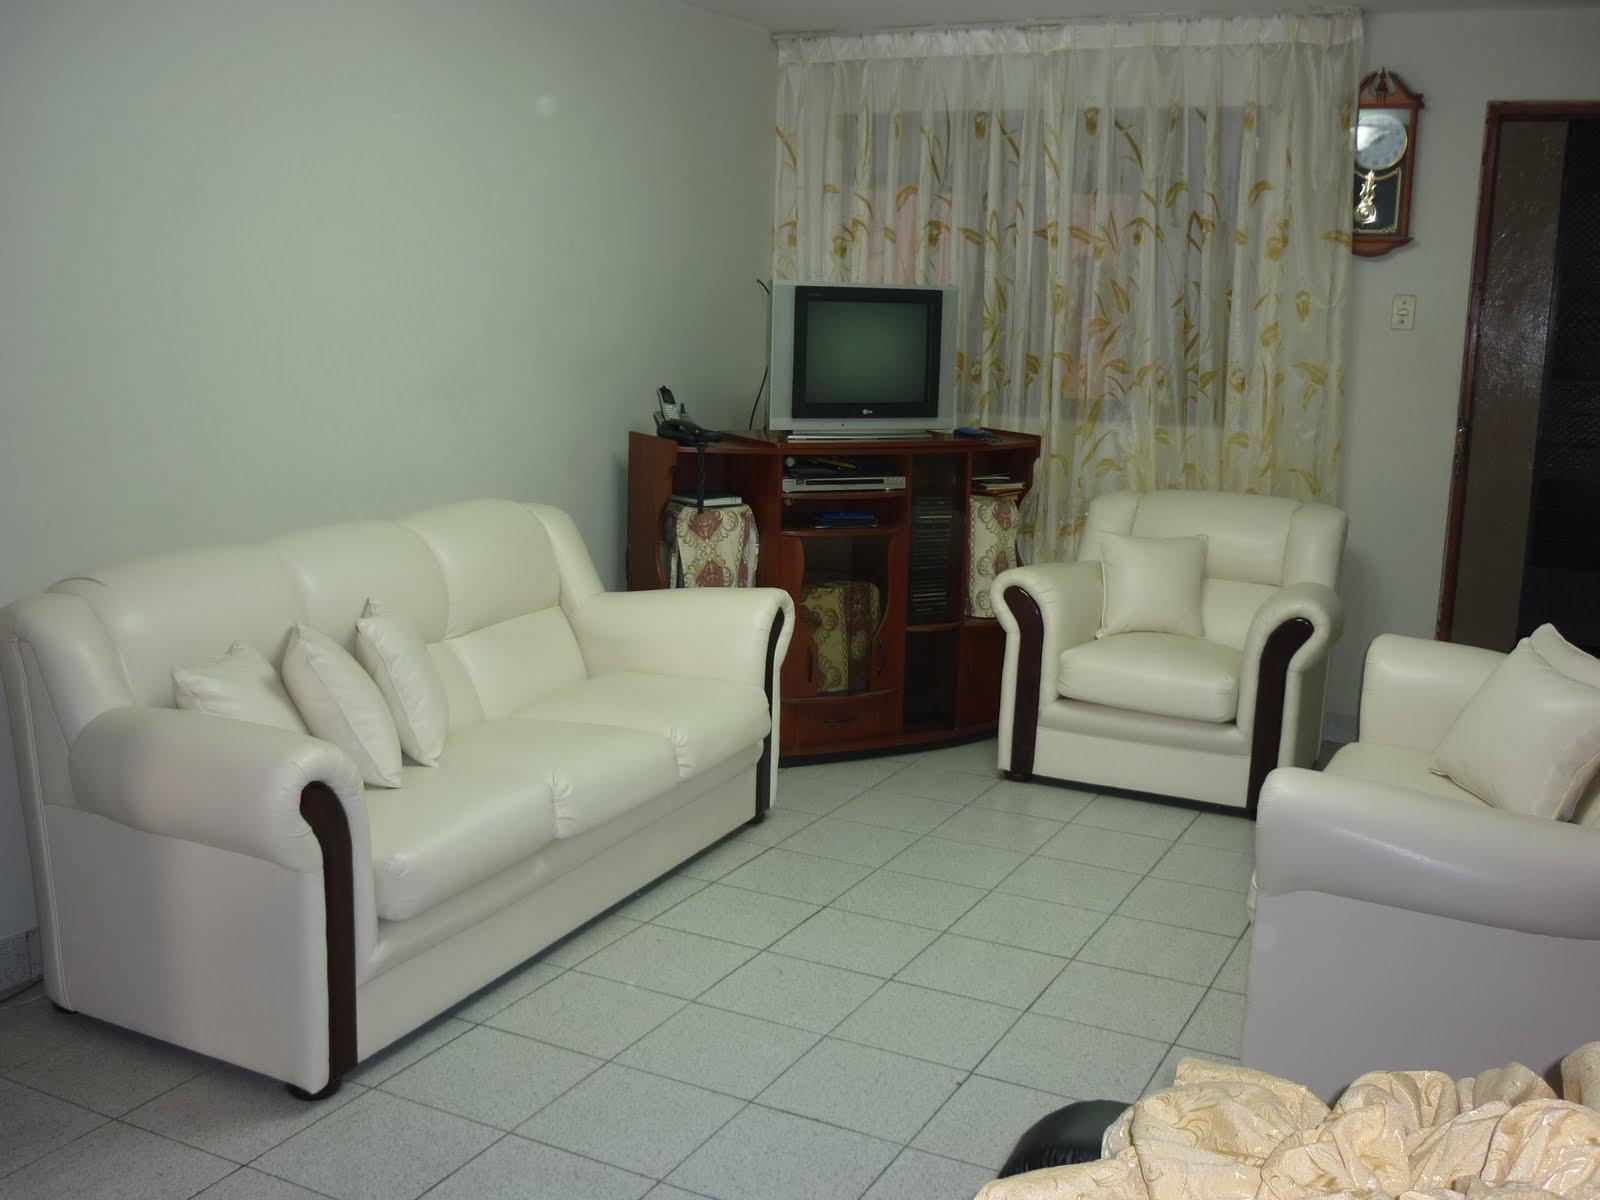 Muebles y tapices modelo sanchez modelo san jorge - Muebles en galvez ...